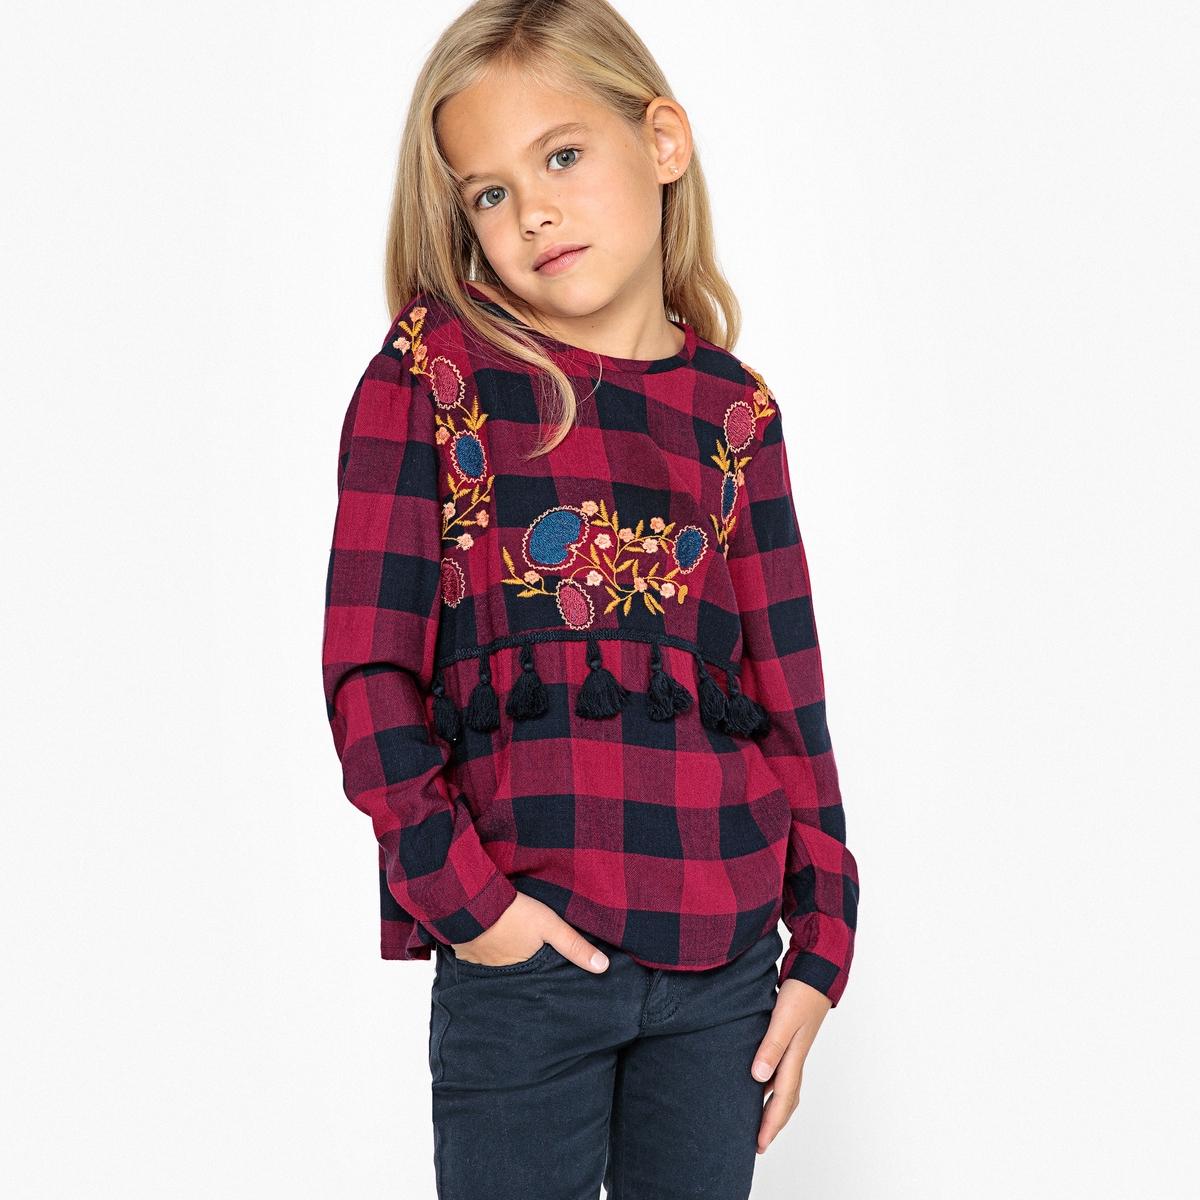 Блузка с вышивкой в клетку 3-12 лет блузка с вышивкой в стиле фолк